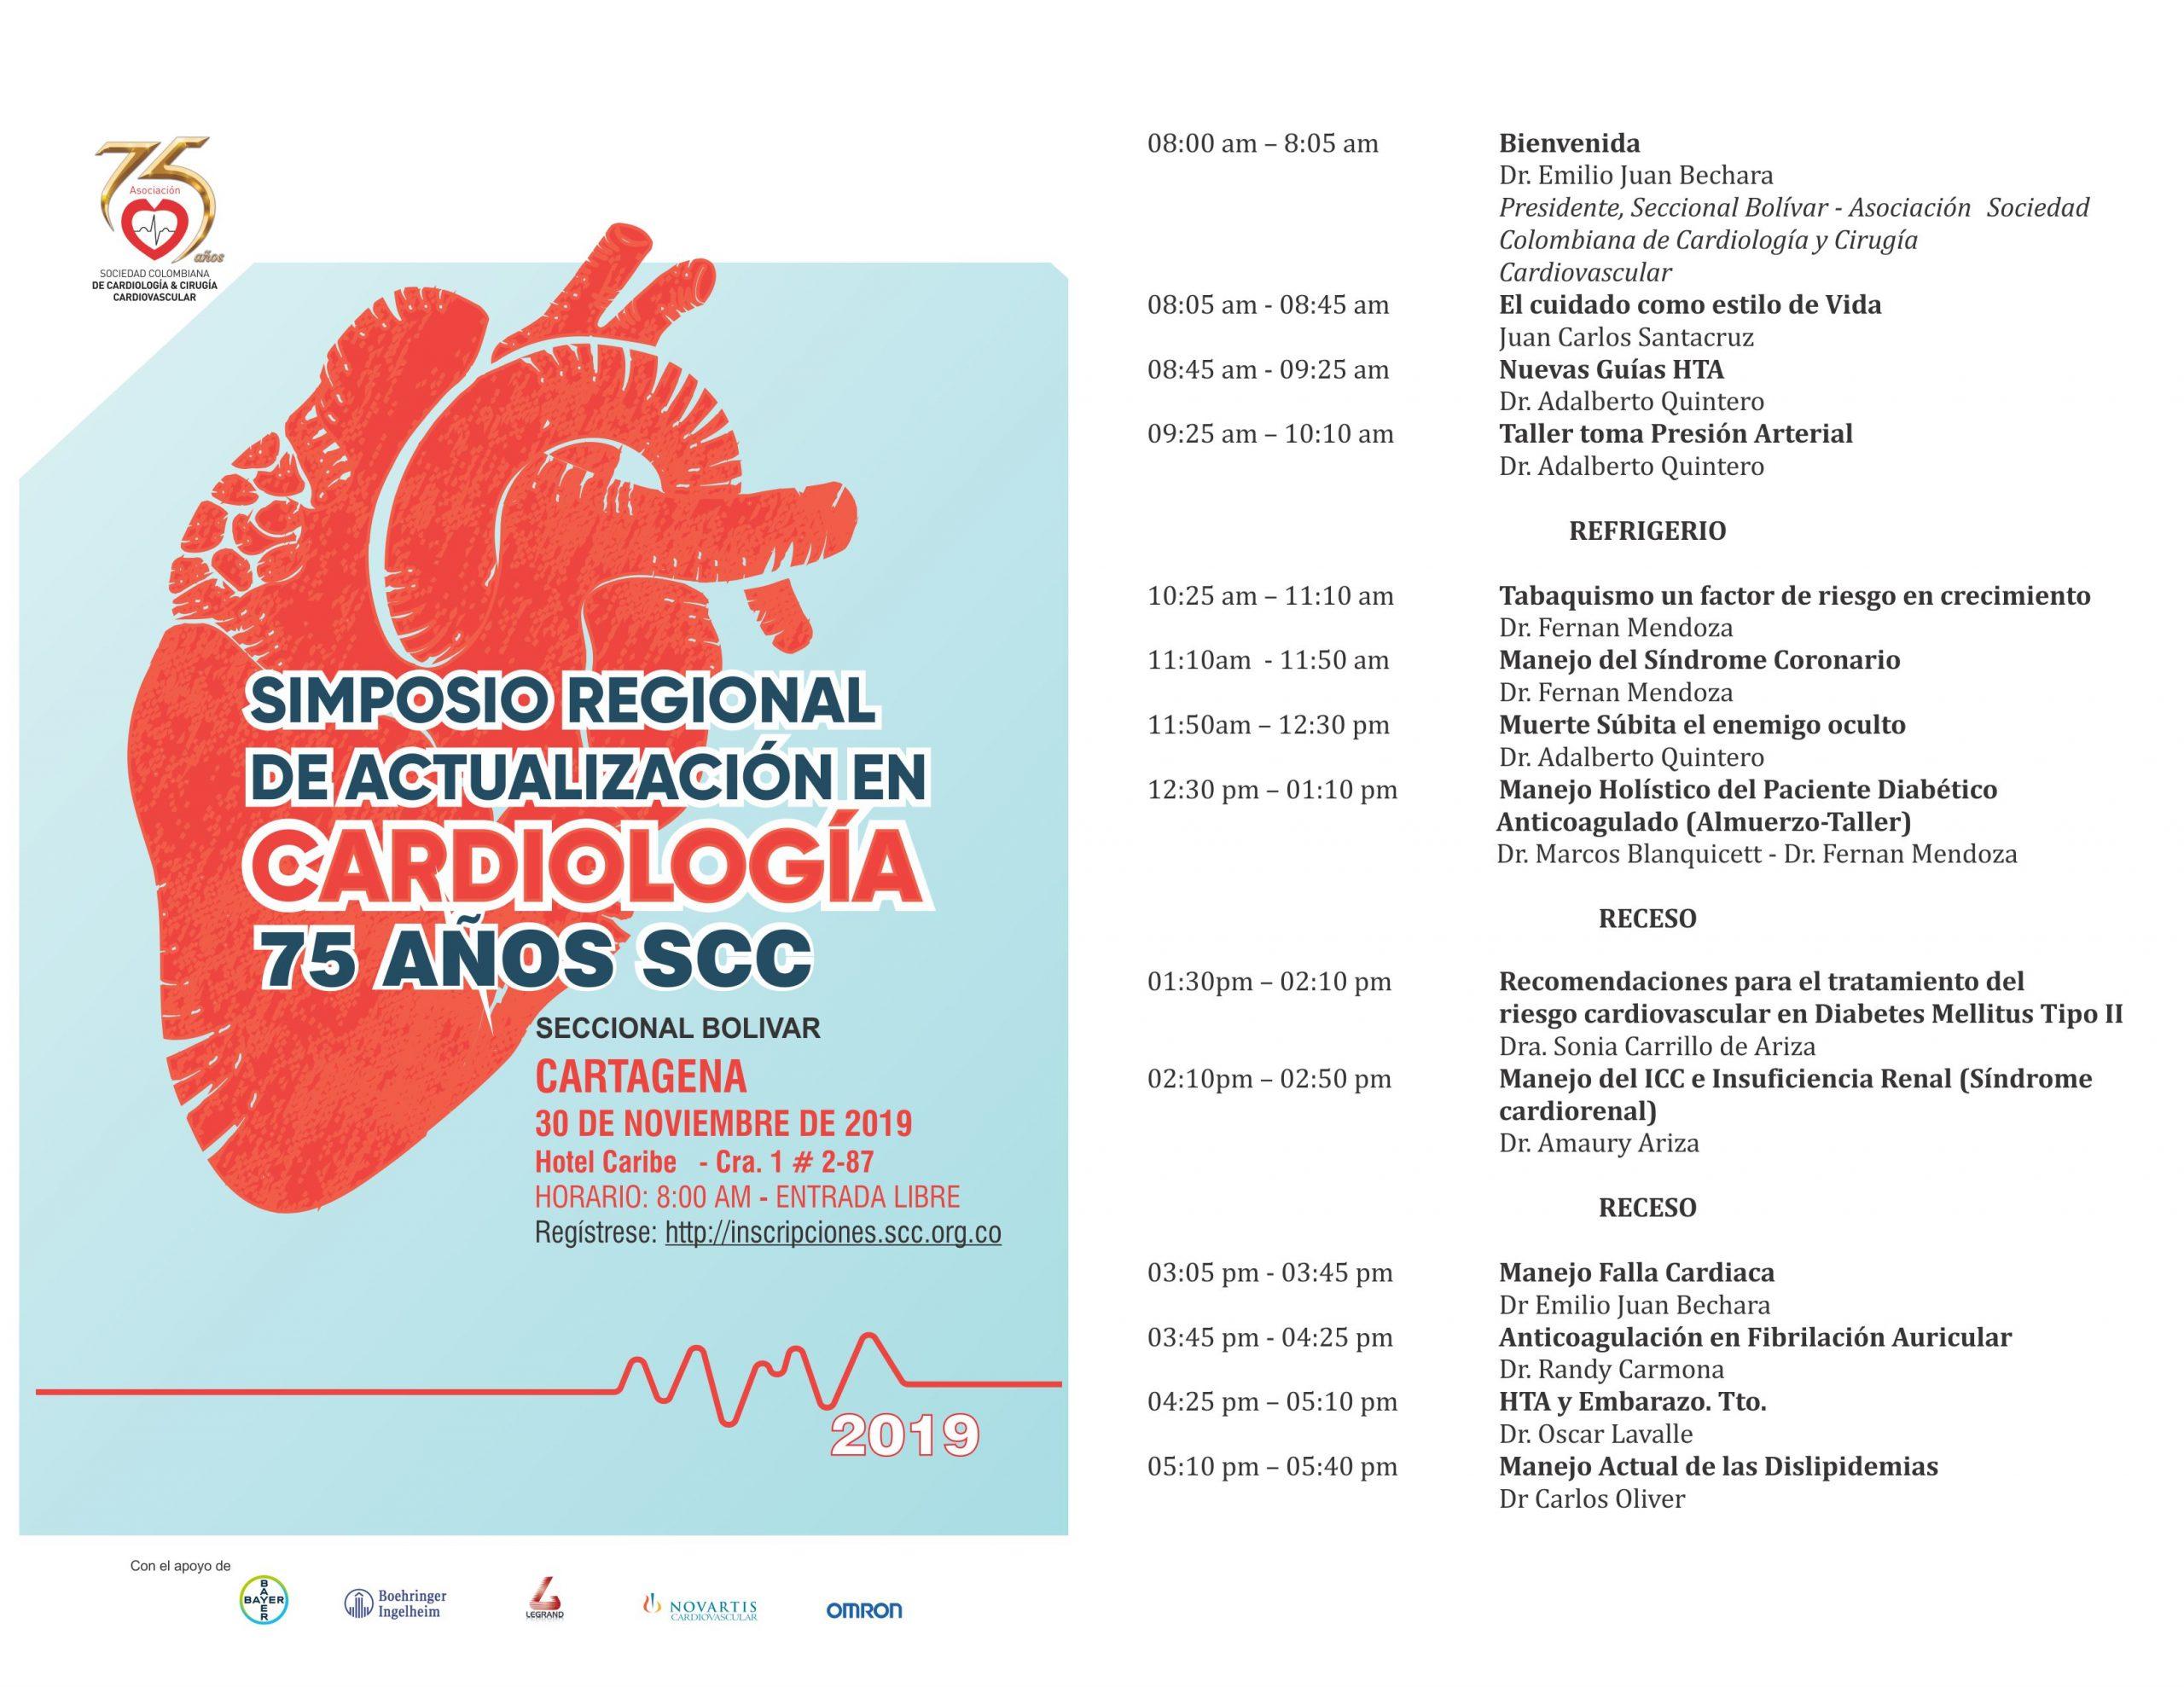 Agenda Simposio Regional SCC - Cartagena